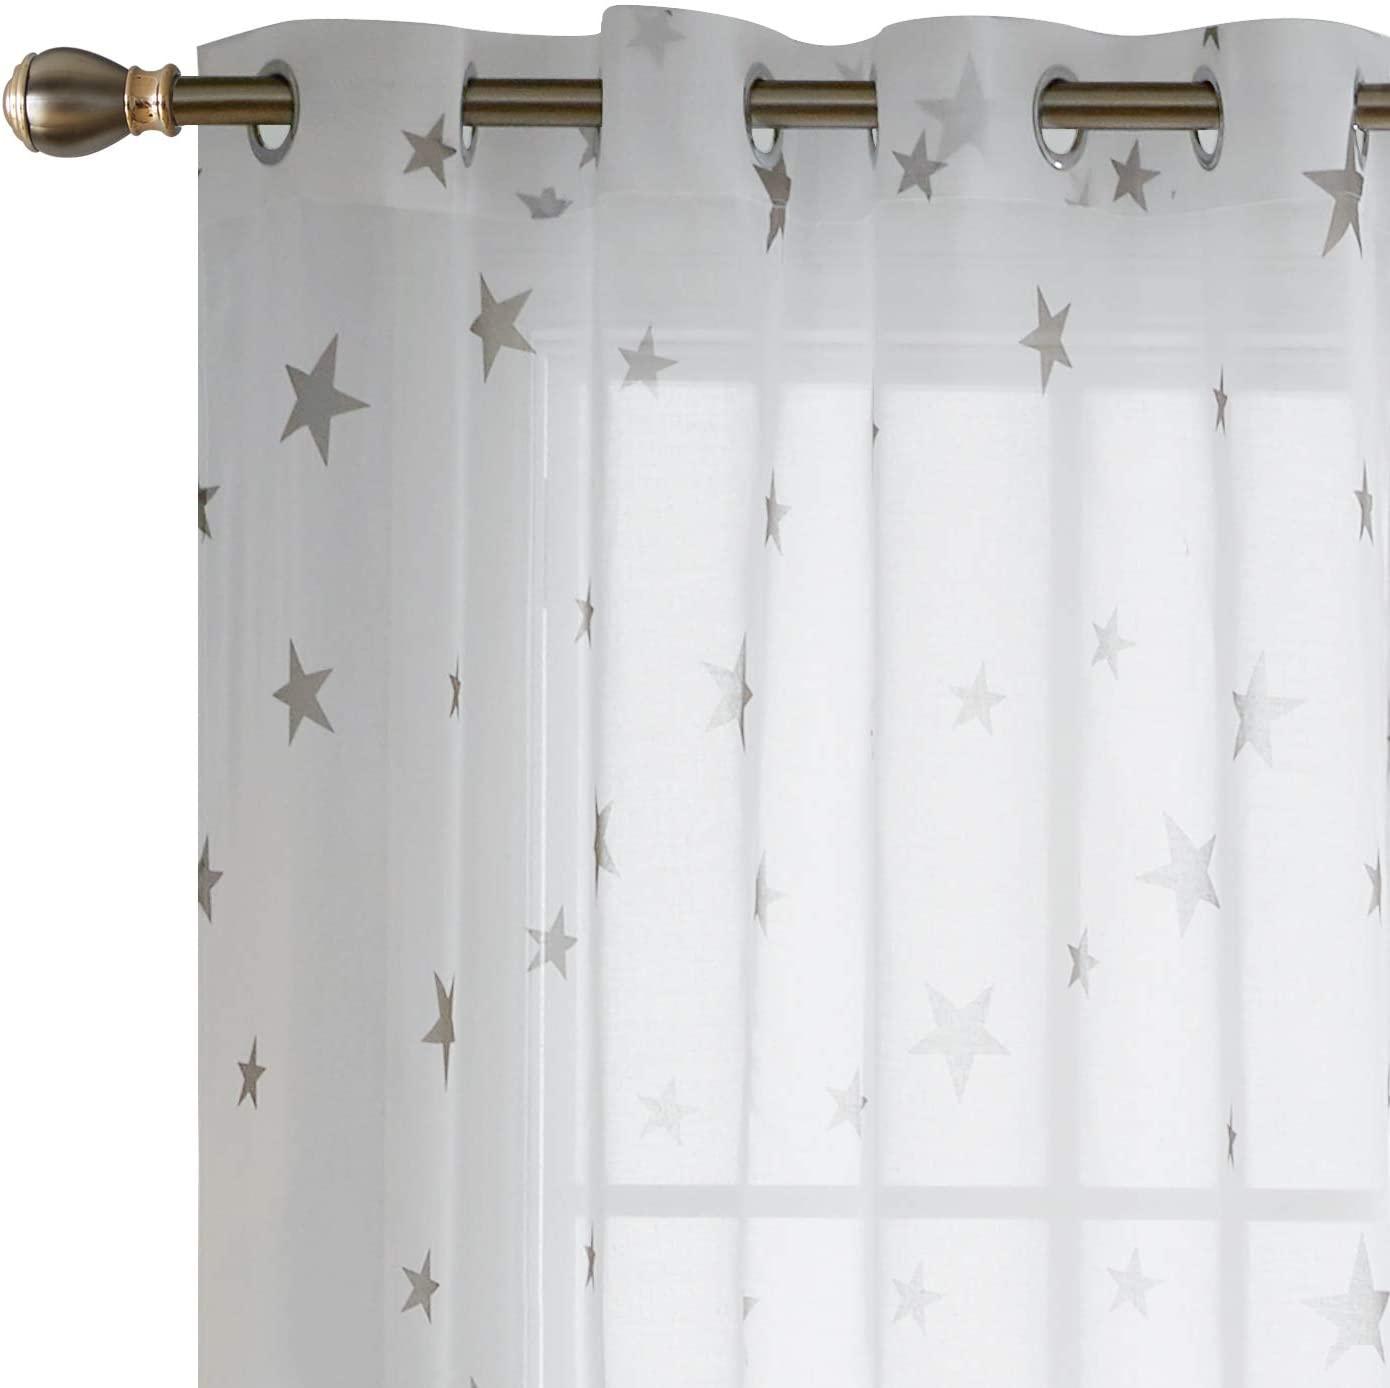 Deconovo White 84 Inch Length Grommet Voile Drape Star Sheer Curtains for Girls Room, 52x84, Light Taupe